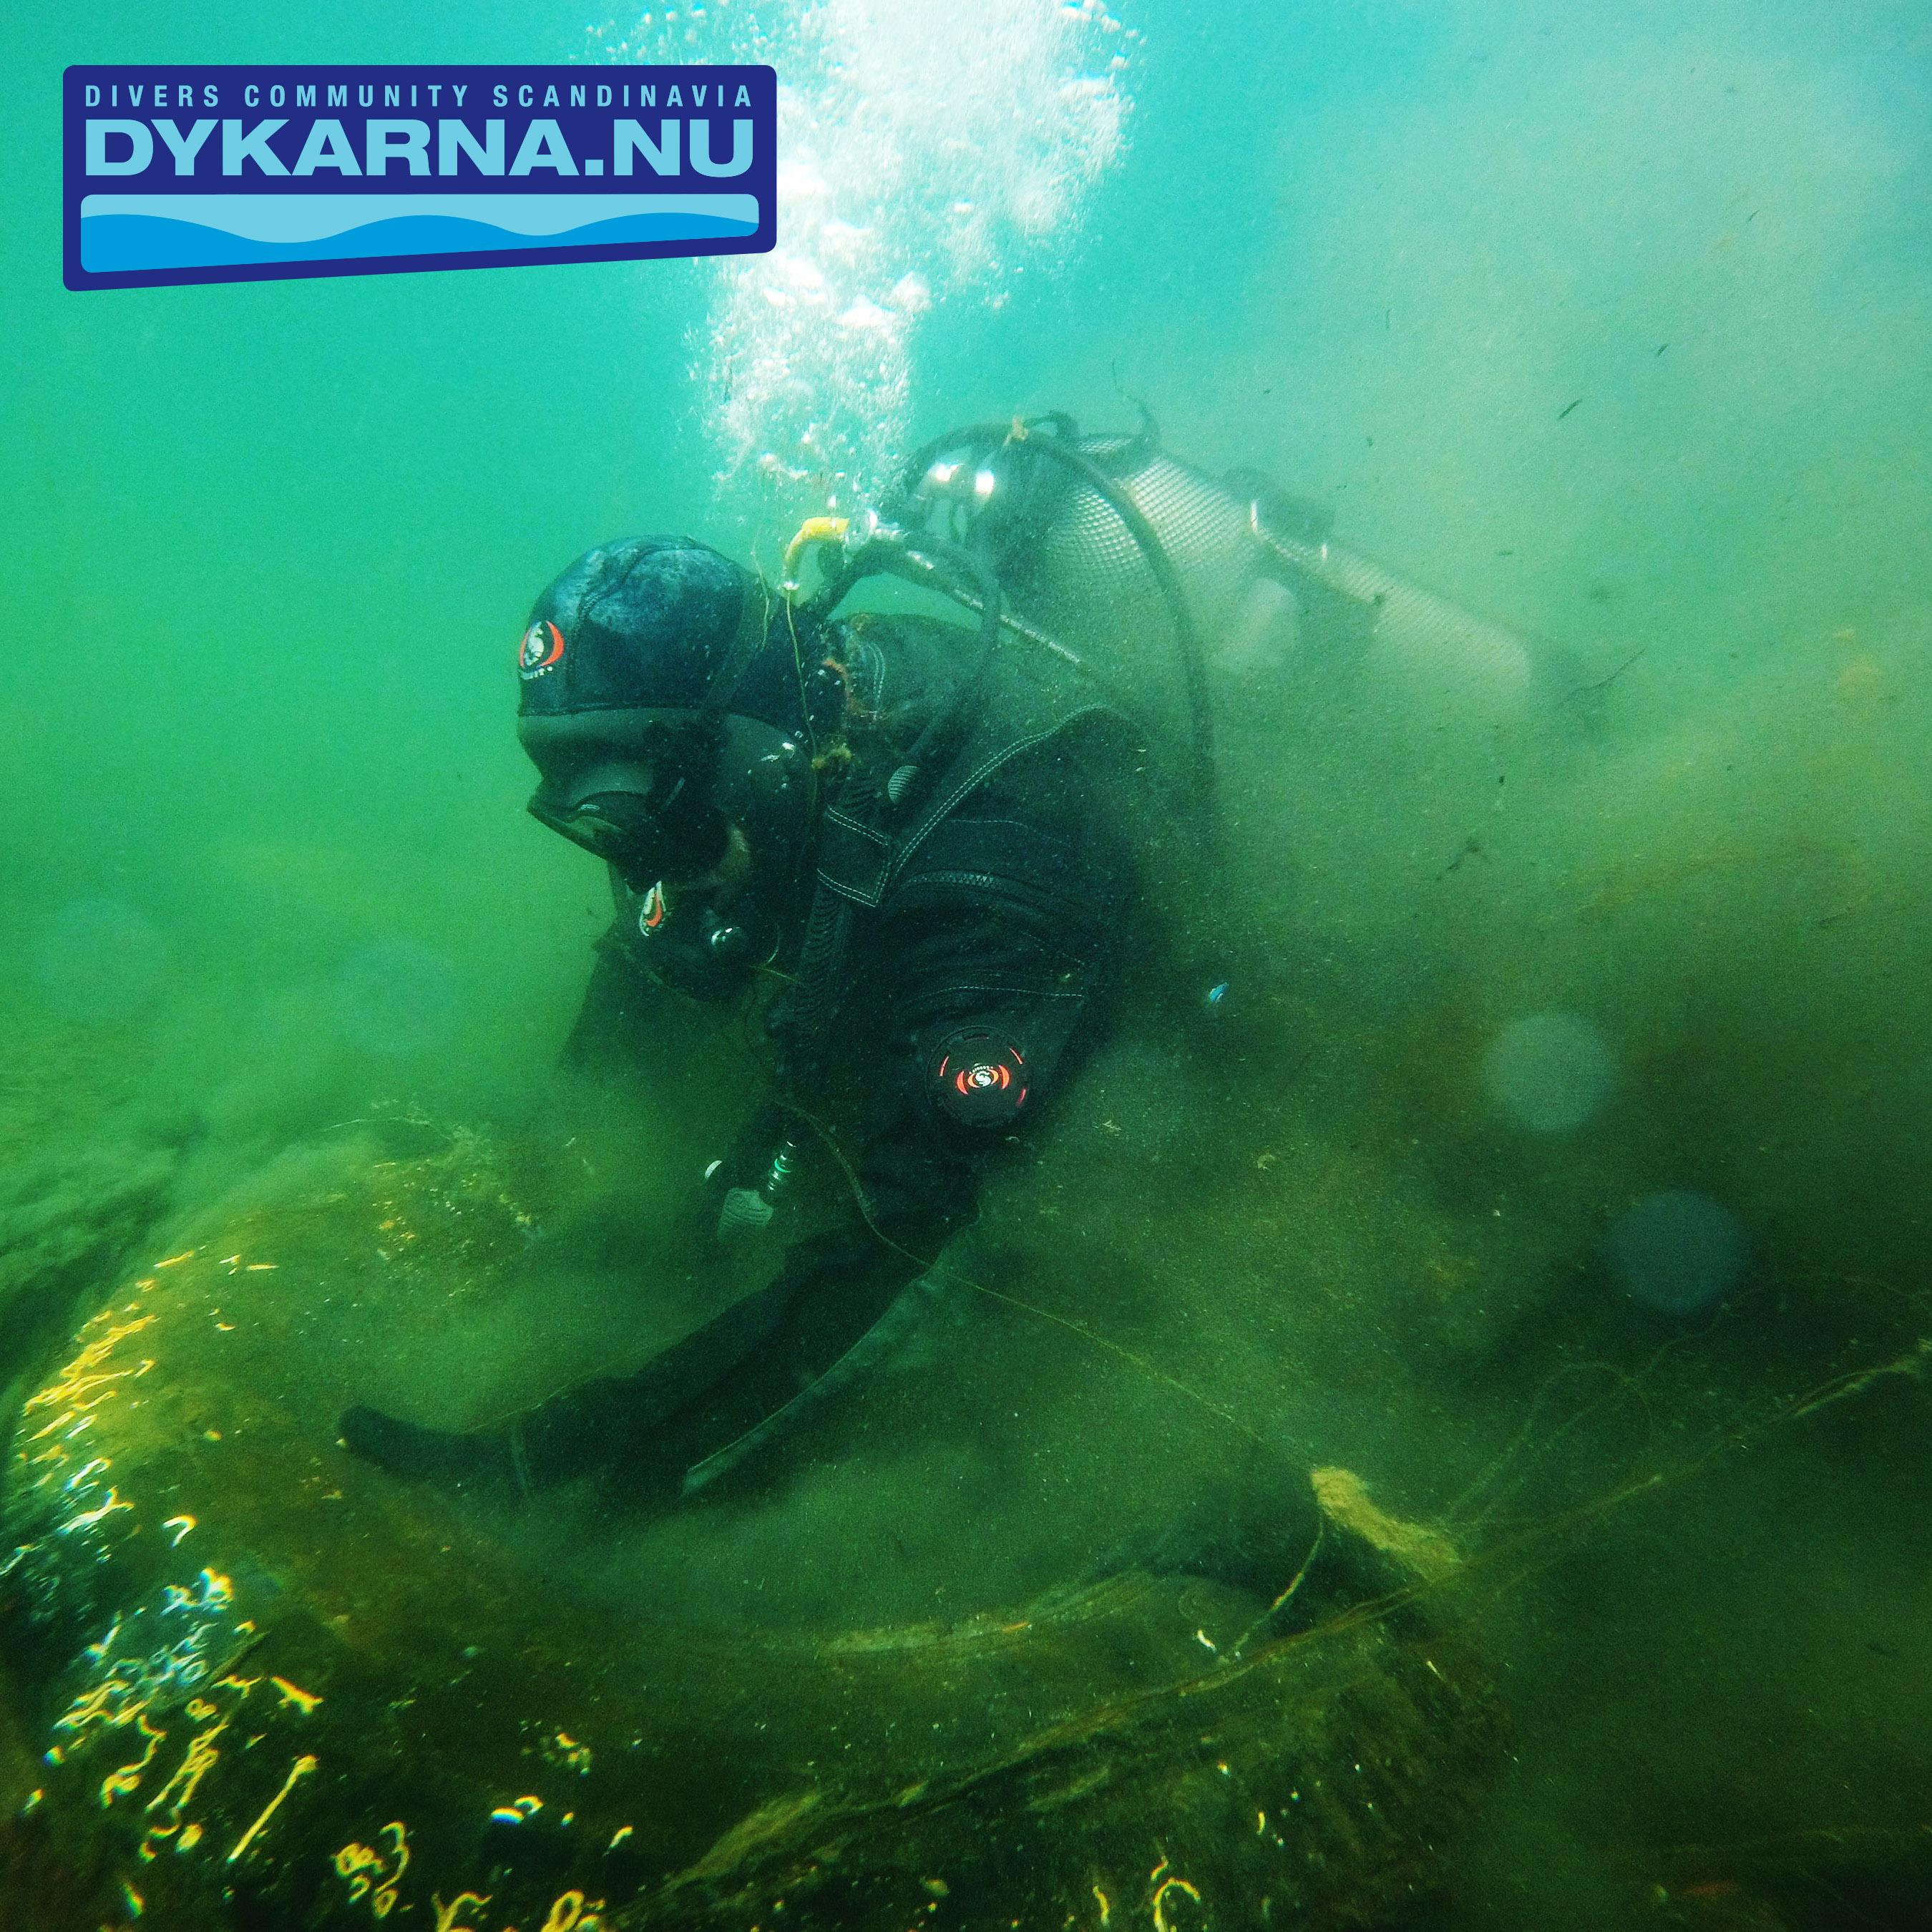 Skrotrensning under ytan